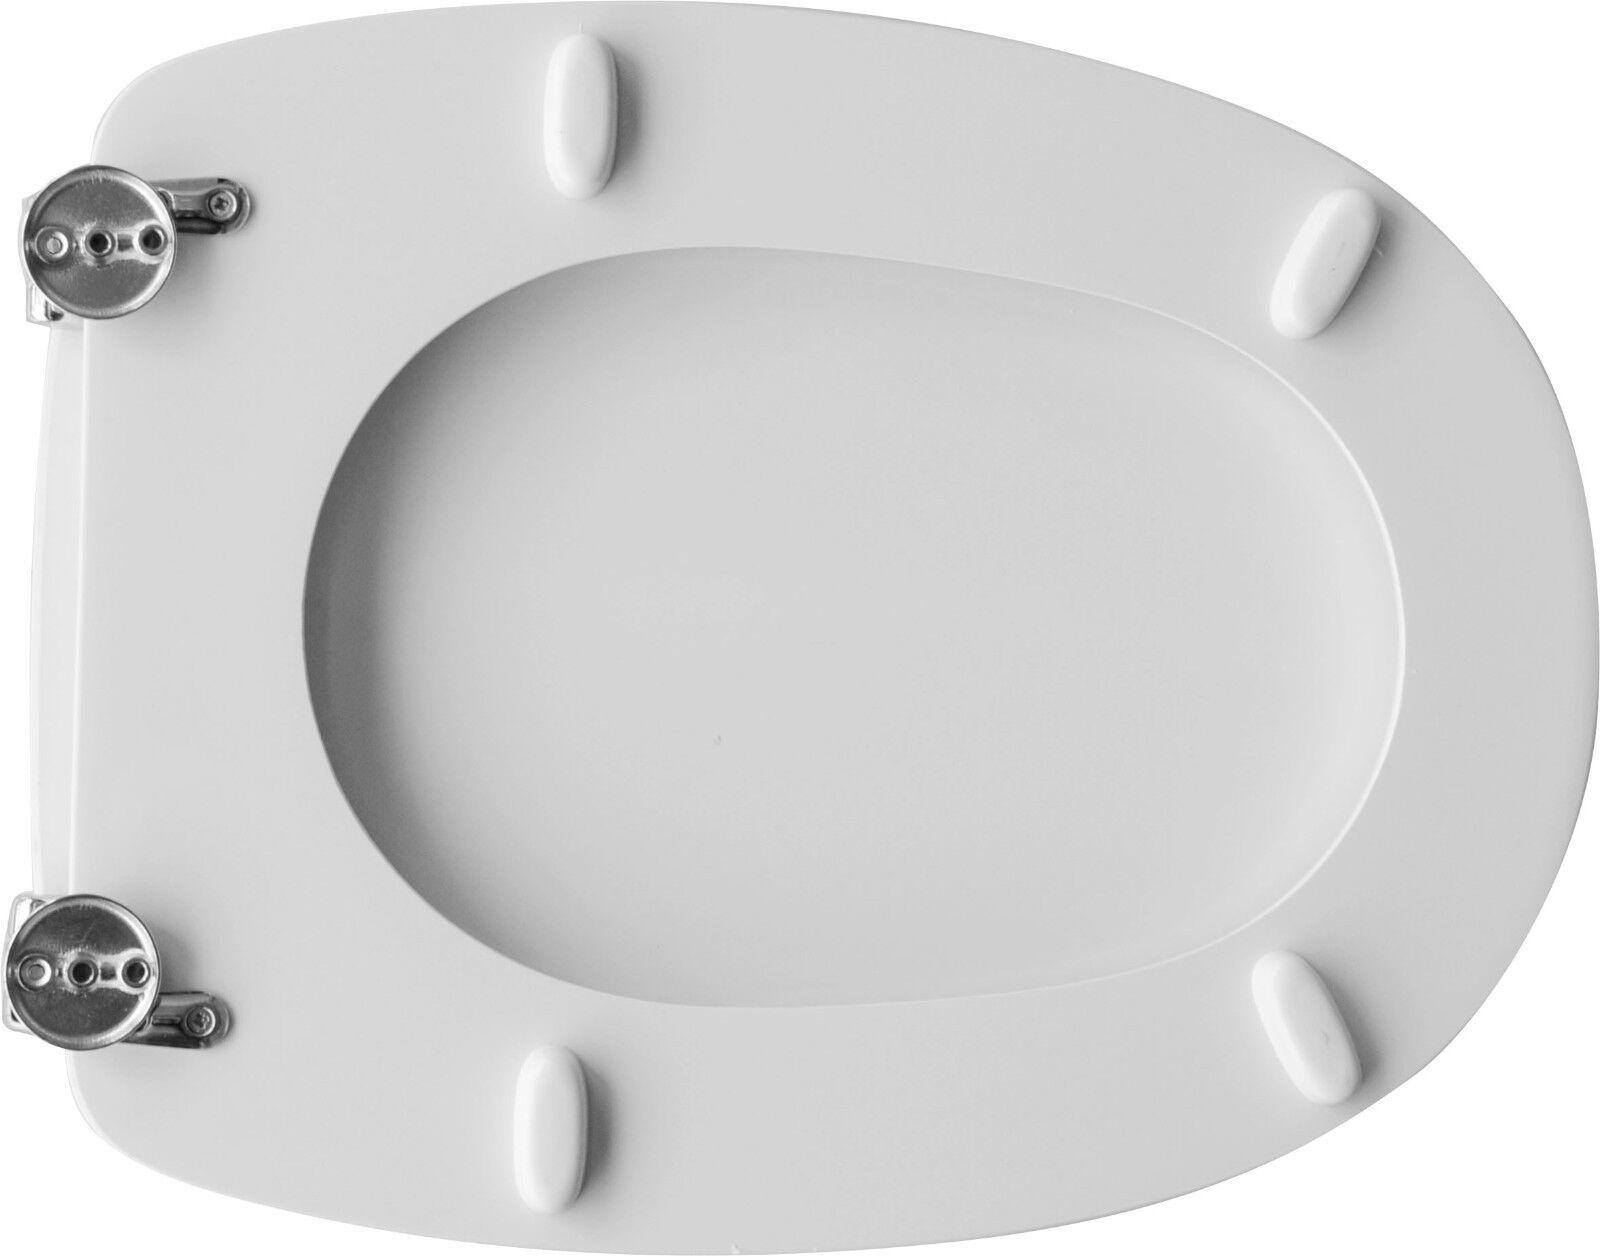 Toilettensitz Toilettensitz Toilettensitz Sitz Wc für Catalan Vase Tissi Weiß 394d67